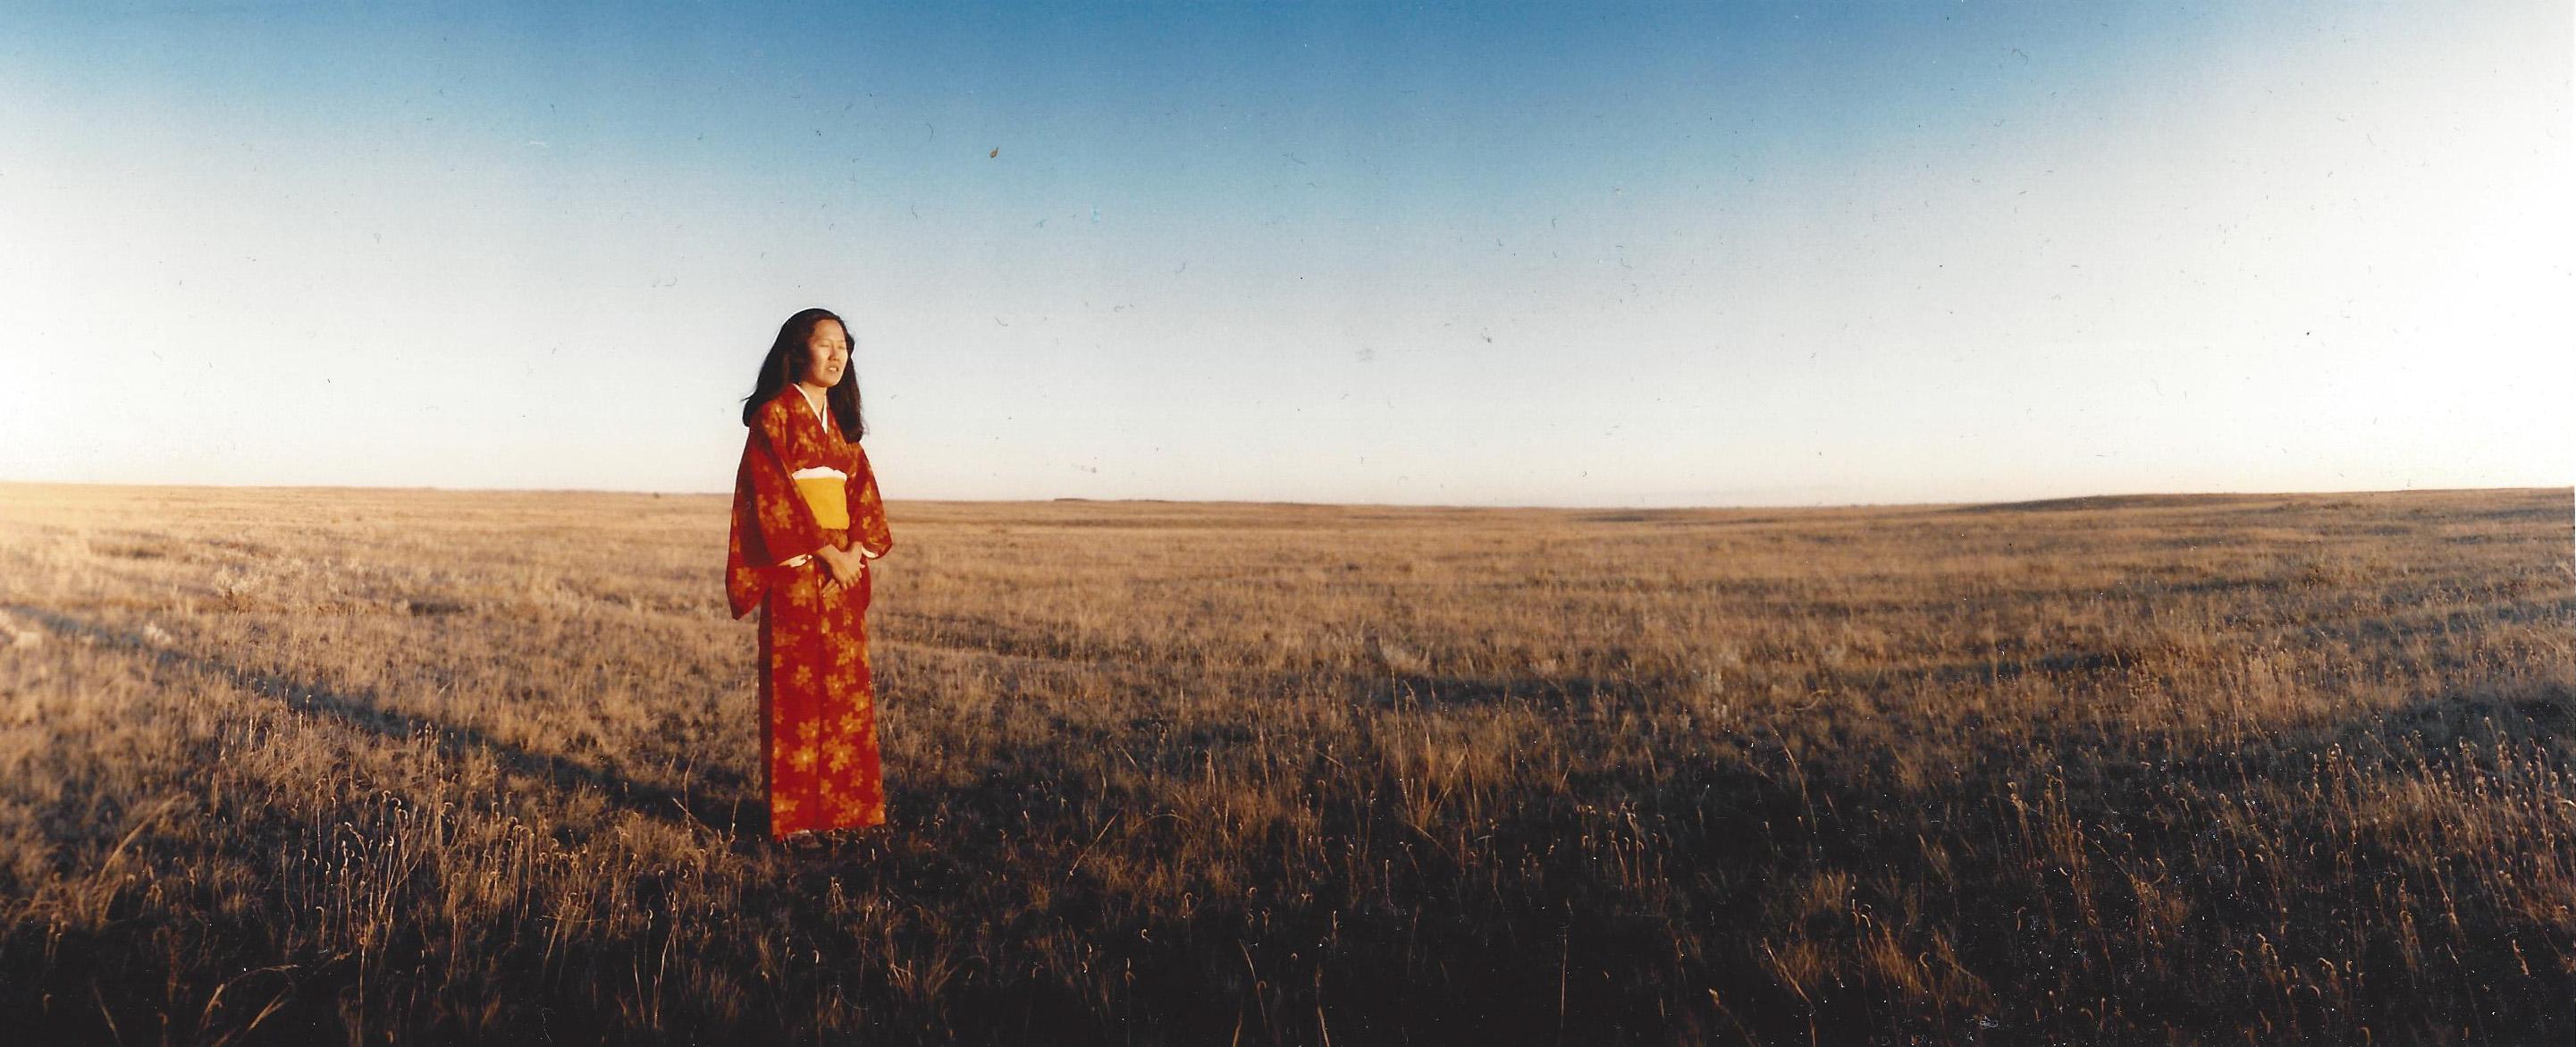 last harvest left on the prairies-1.jpg